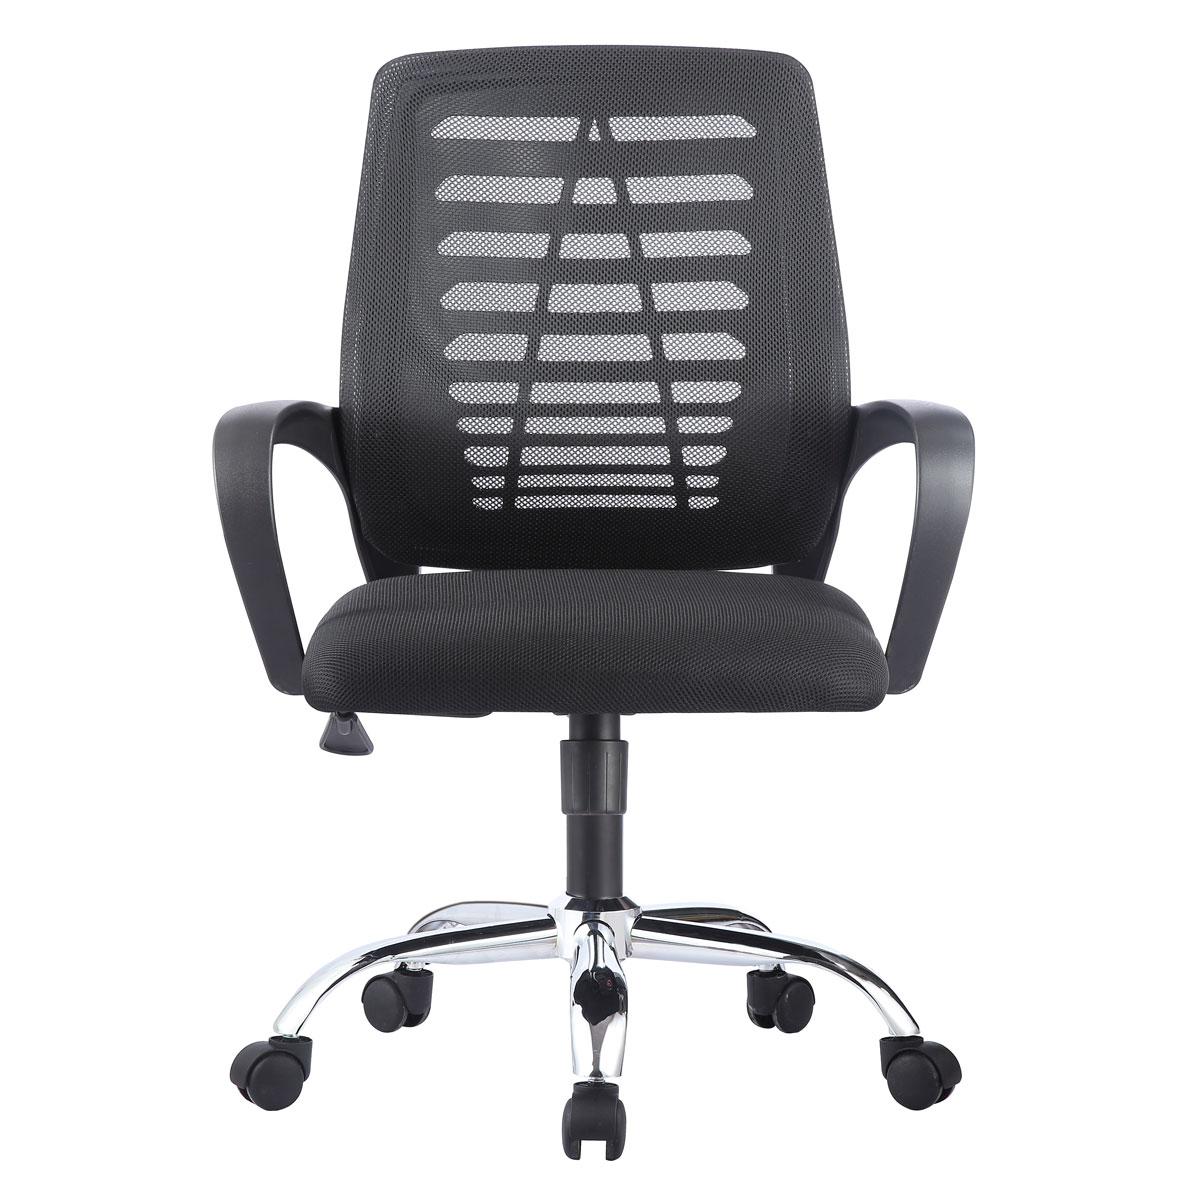 כיסא משרדי אורטופדי מעוצב ונוח דגם Bosco לחוויית ישיבה מפנקת BRADEX - תמונה 2